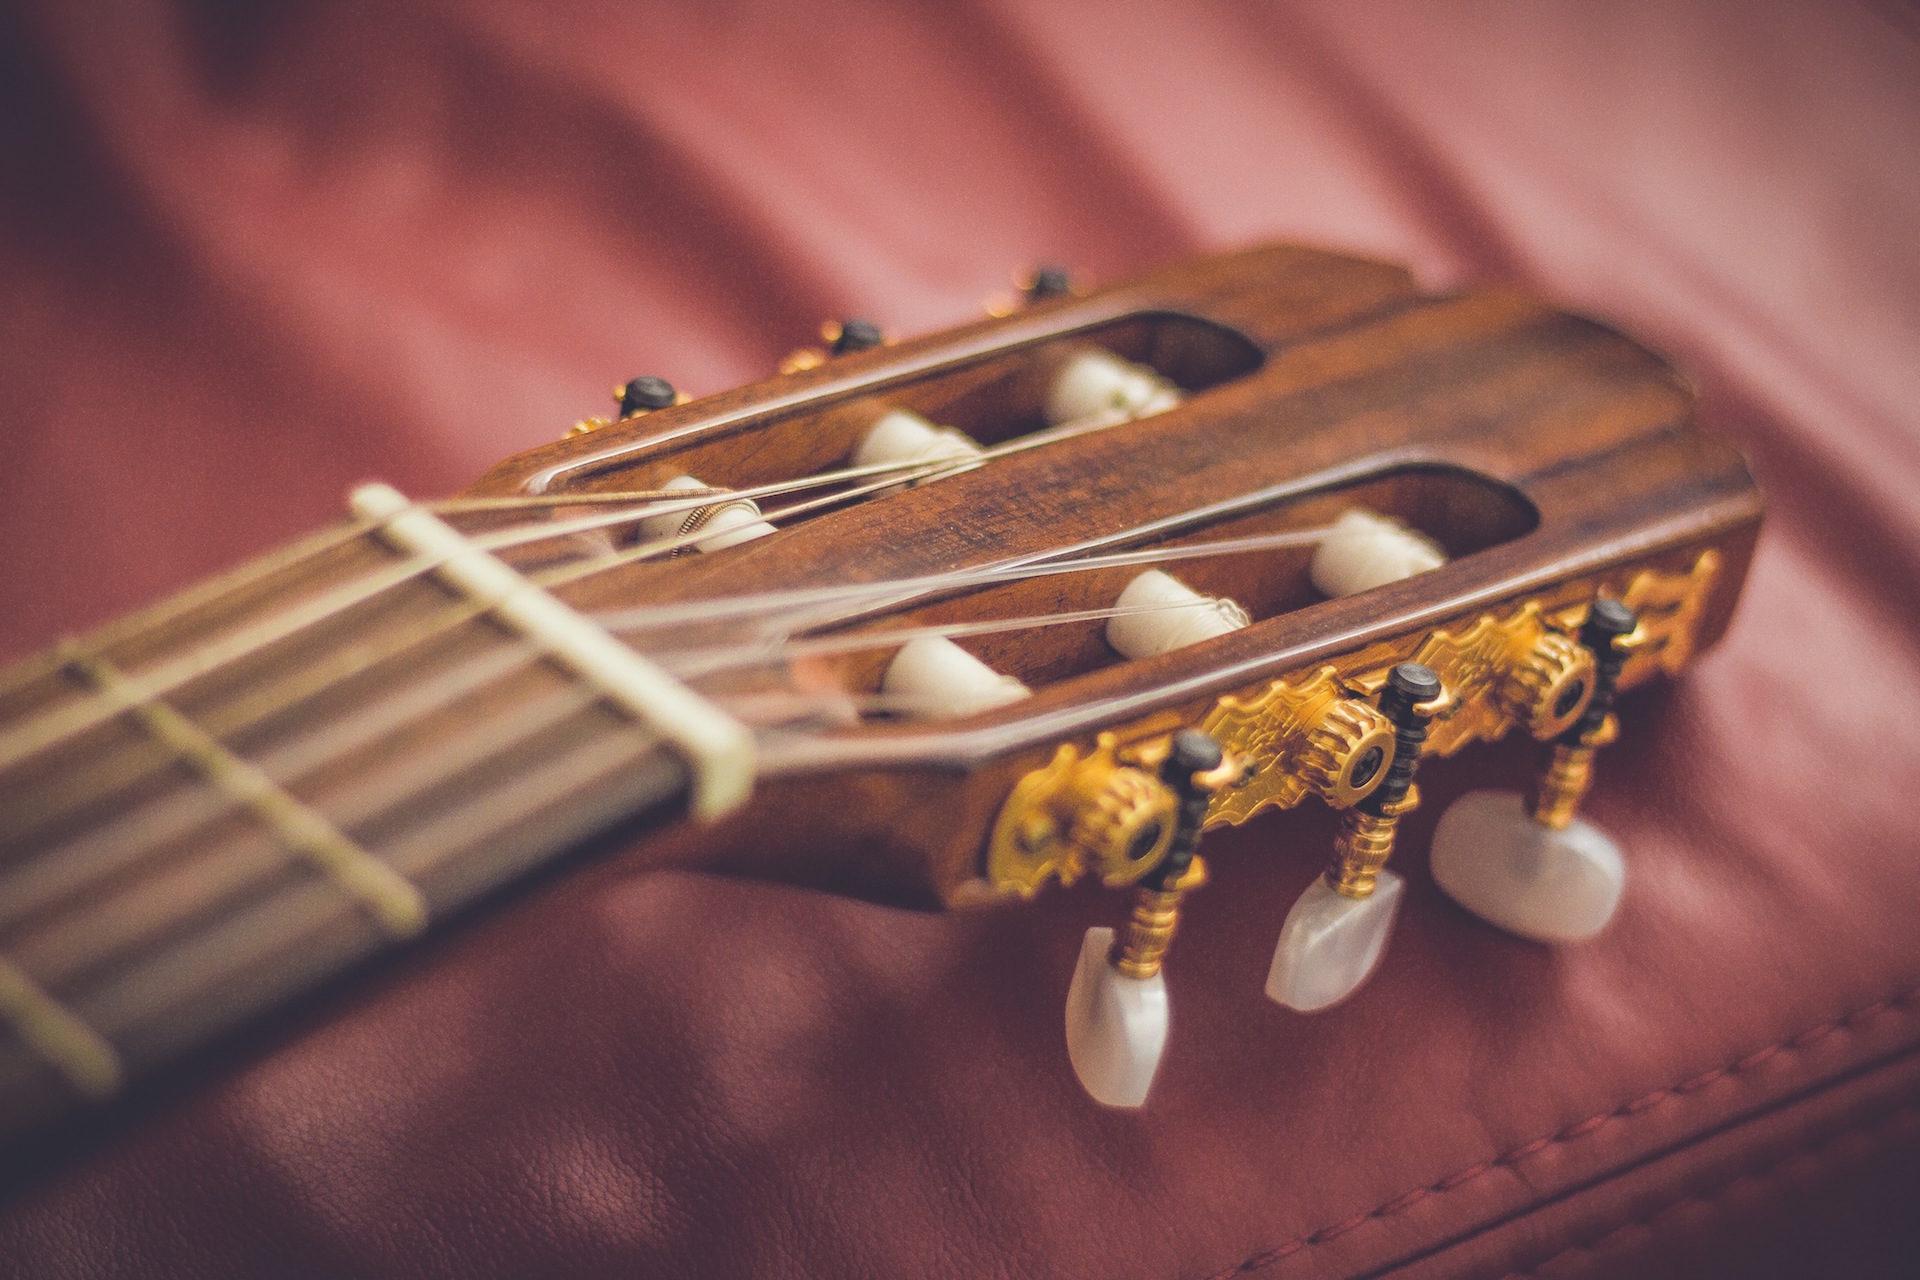 गिटार, मस्तूल, स्ट्रिंग्स, ट्यूनिंग, तंत्र - HD वॉलपेपर - प्रोफेसर-falken.com